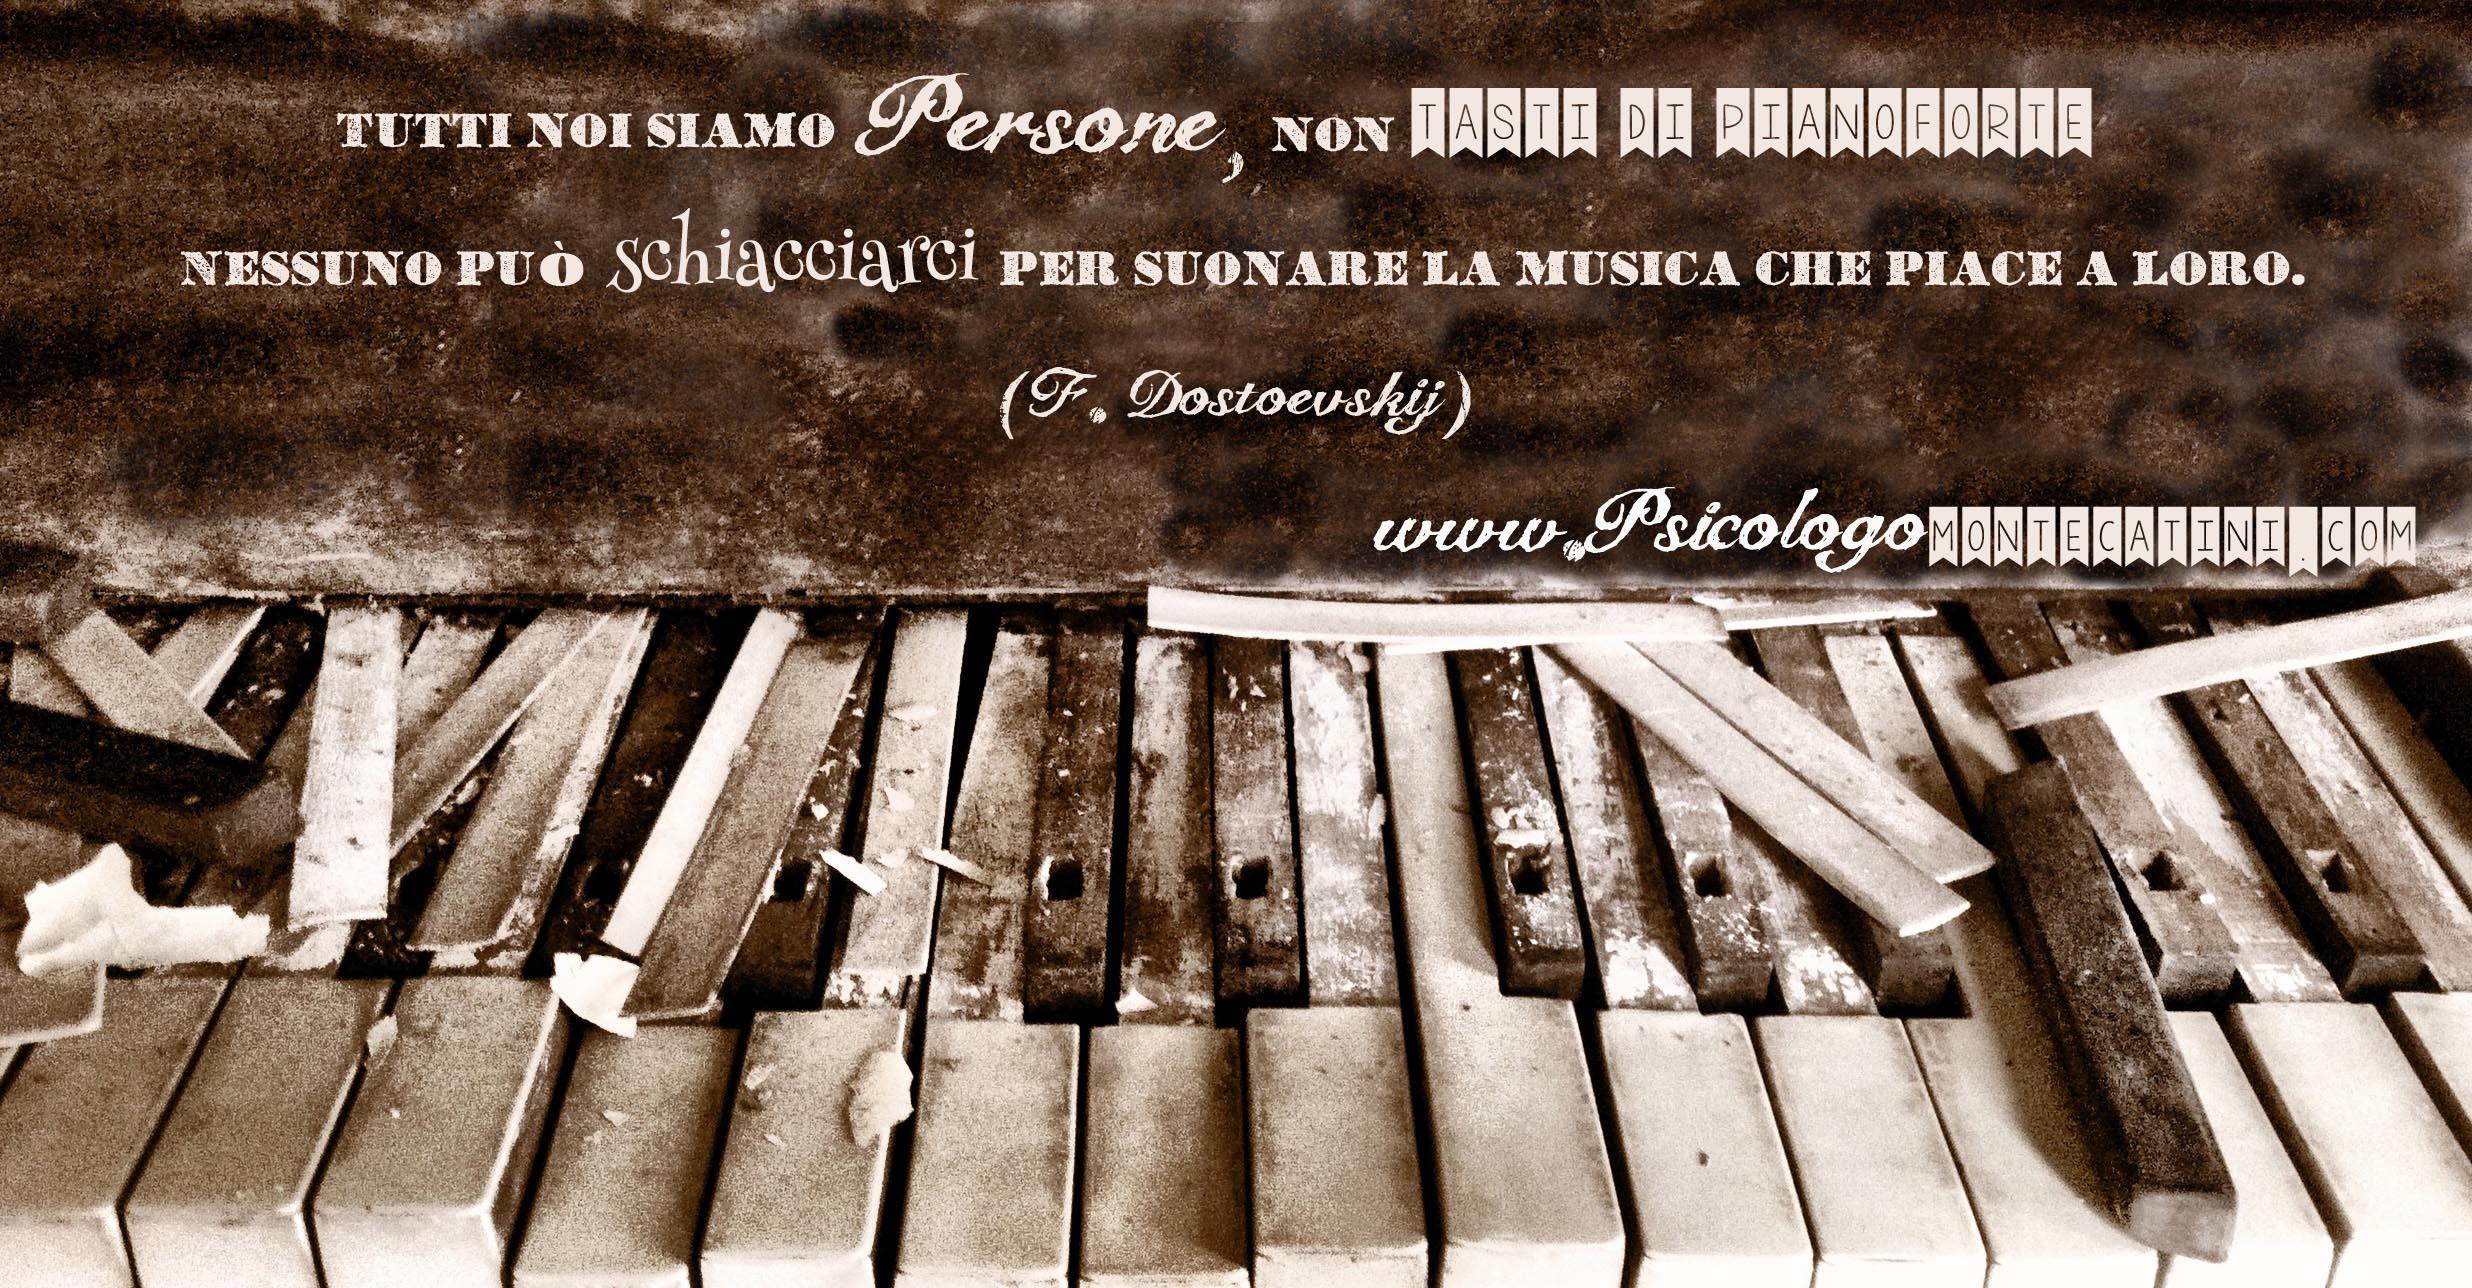 Pillola Dostoevskij Dr. Davide Lo Presti PsicologoMontecatini.com